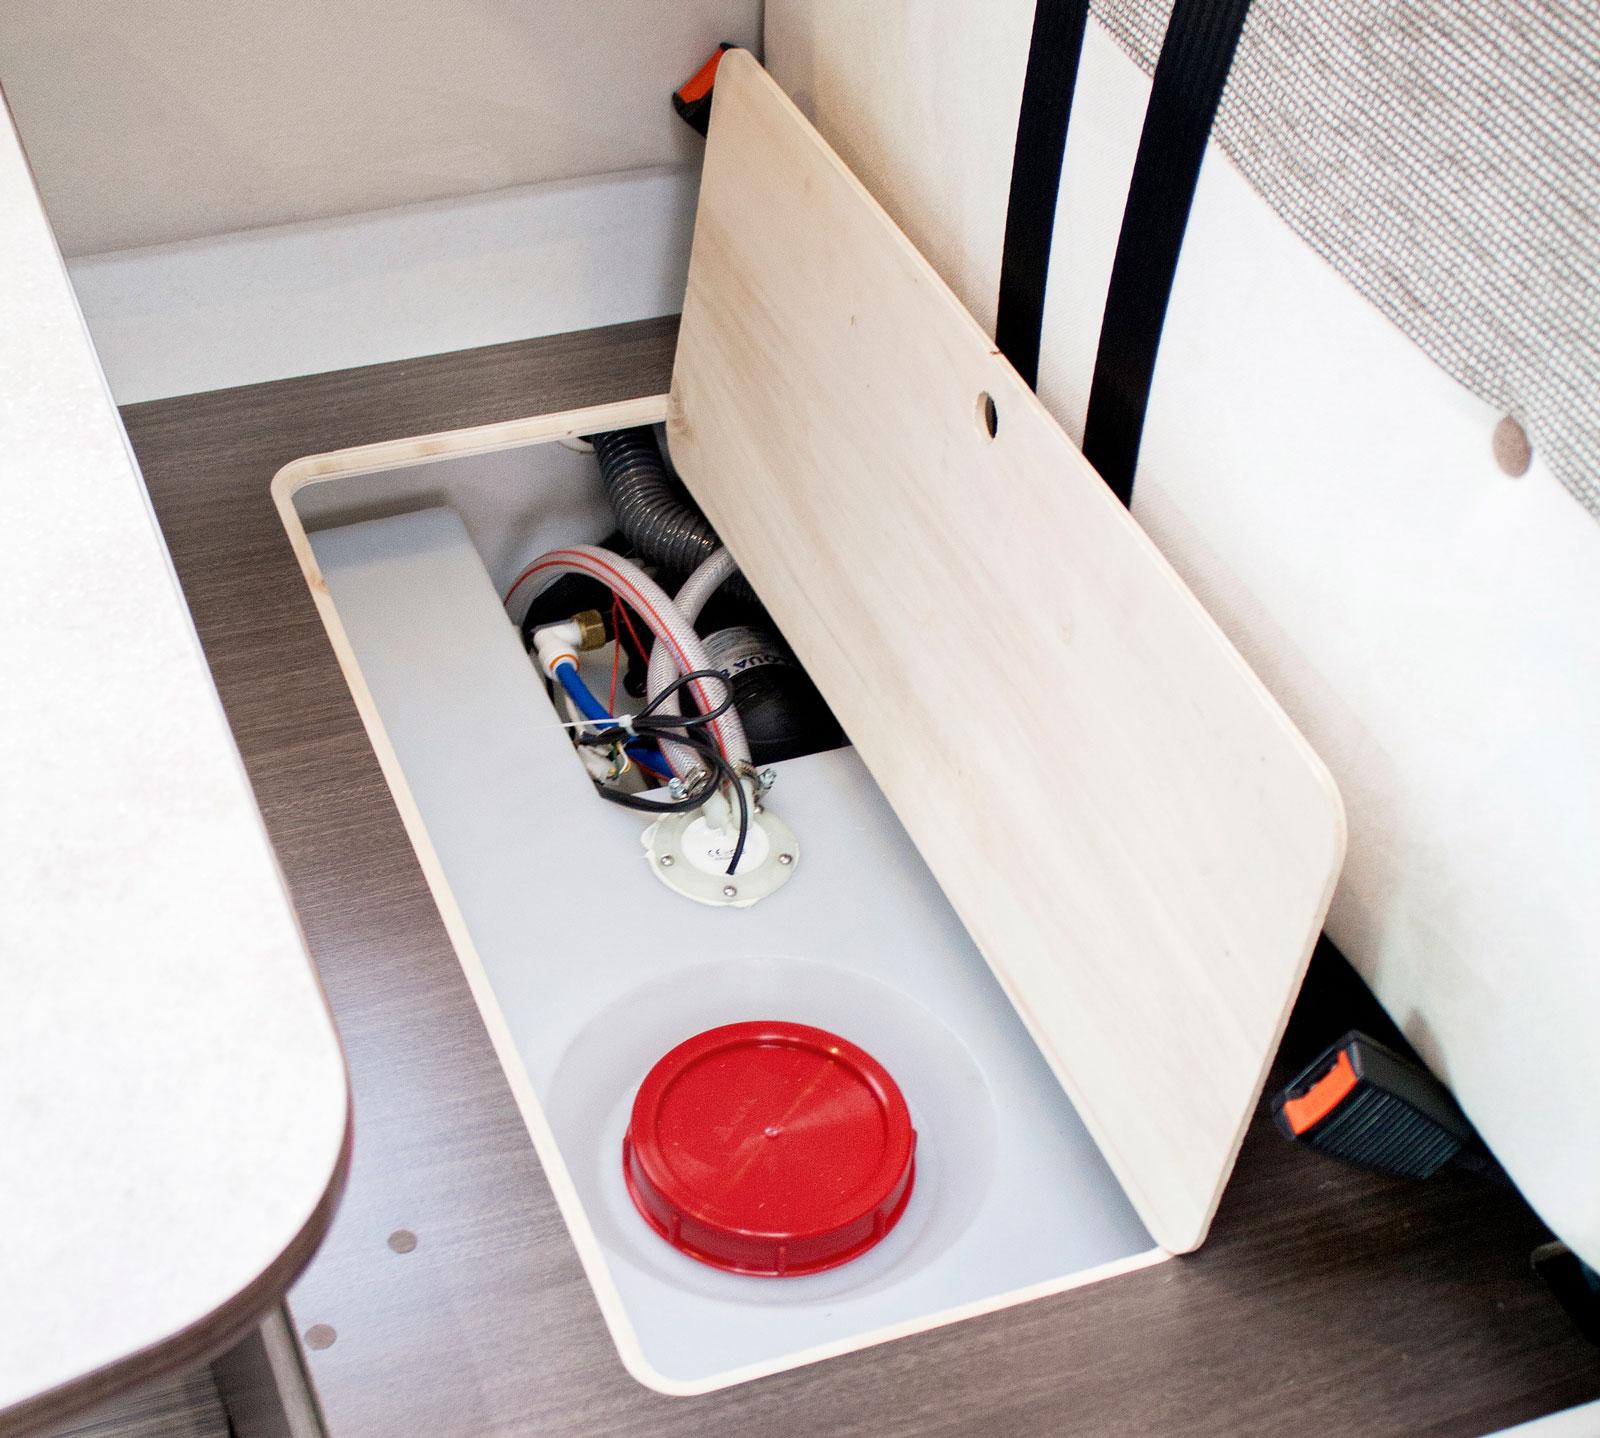 behållare. Färskvattentanken finns under den bakre soffan och rymmer 100 liter.